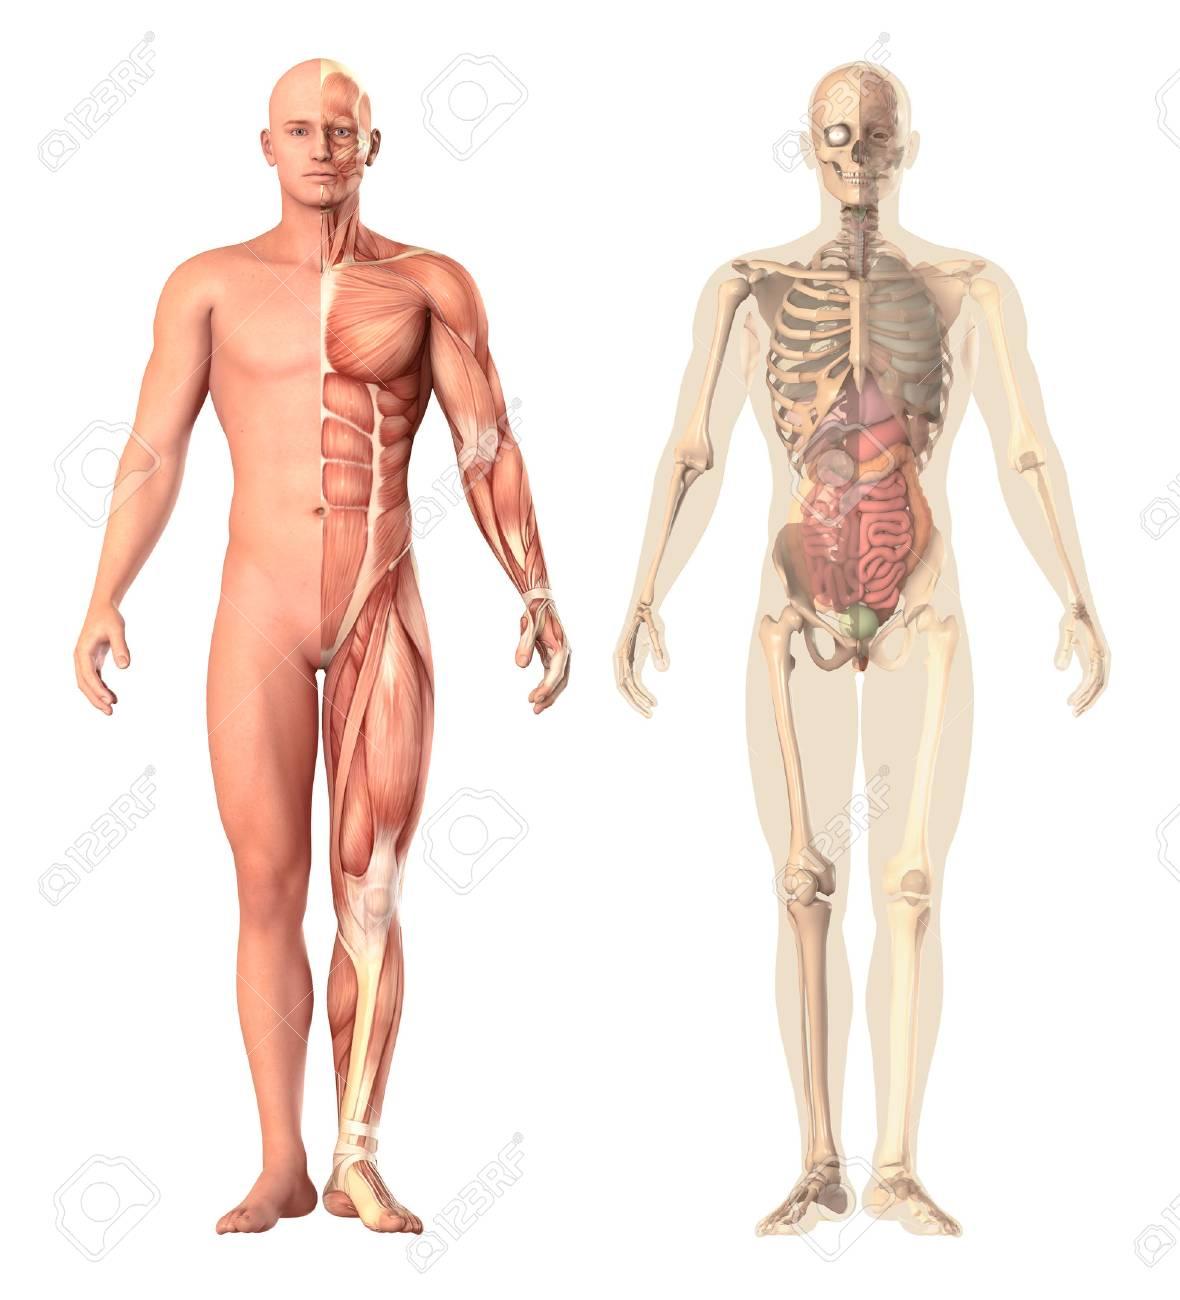 Ilustración Médica De Una Transparencia Anatomía Humana, Ver. El ...